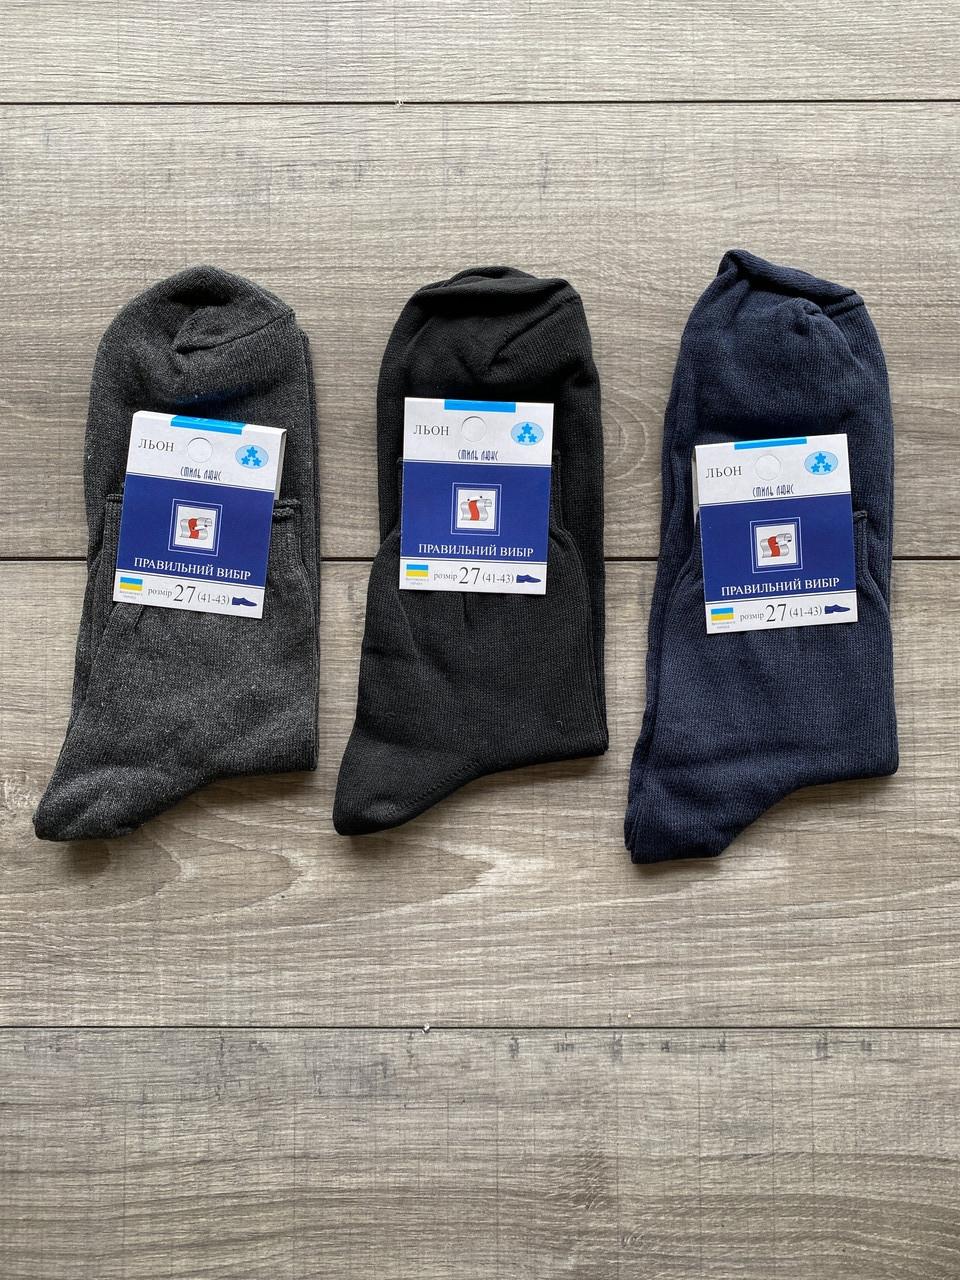 Чоловічі шкарпетки котон середні Правильний вибір однотонні в сітку 25-26 27-28 29-30 12 шт в уп темне асорті